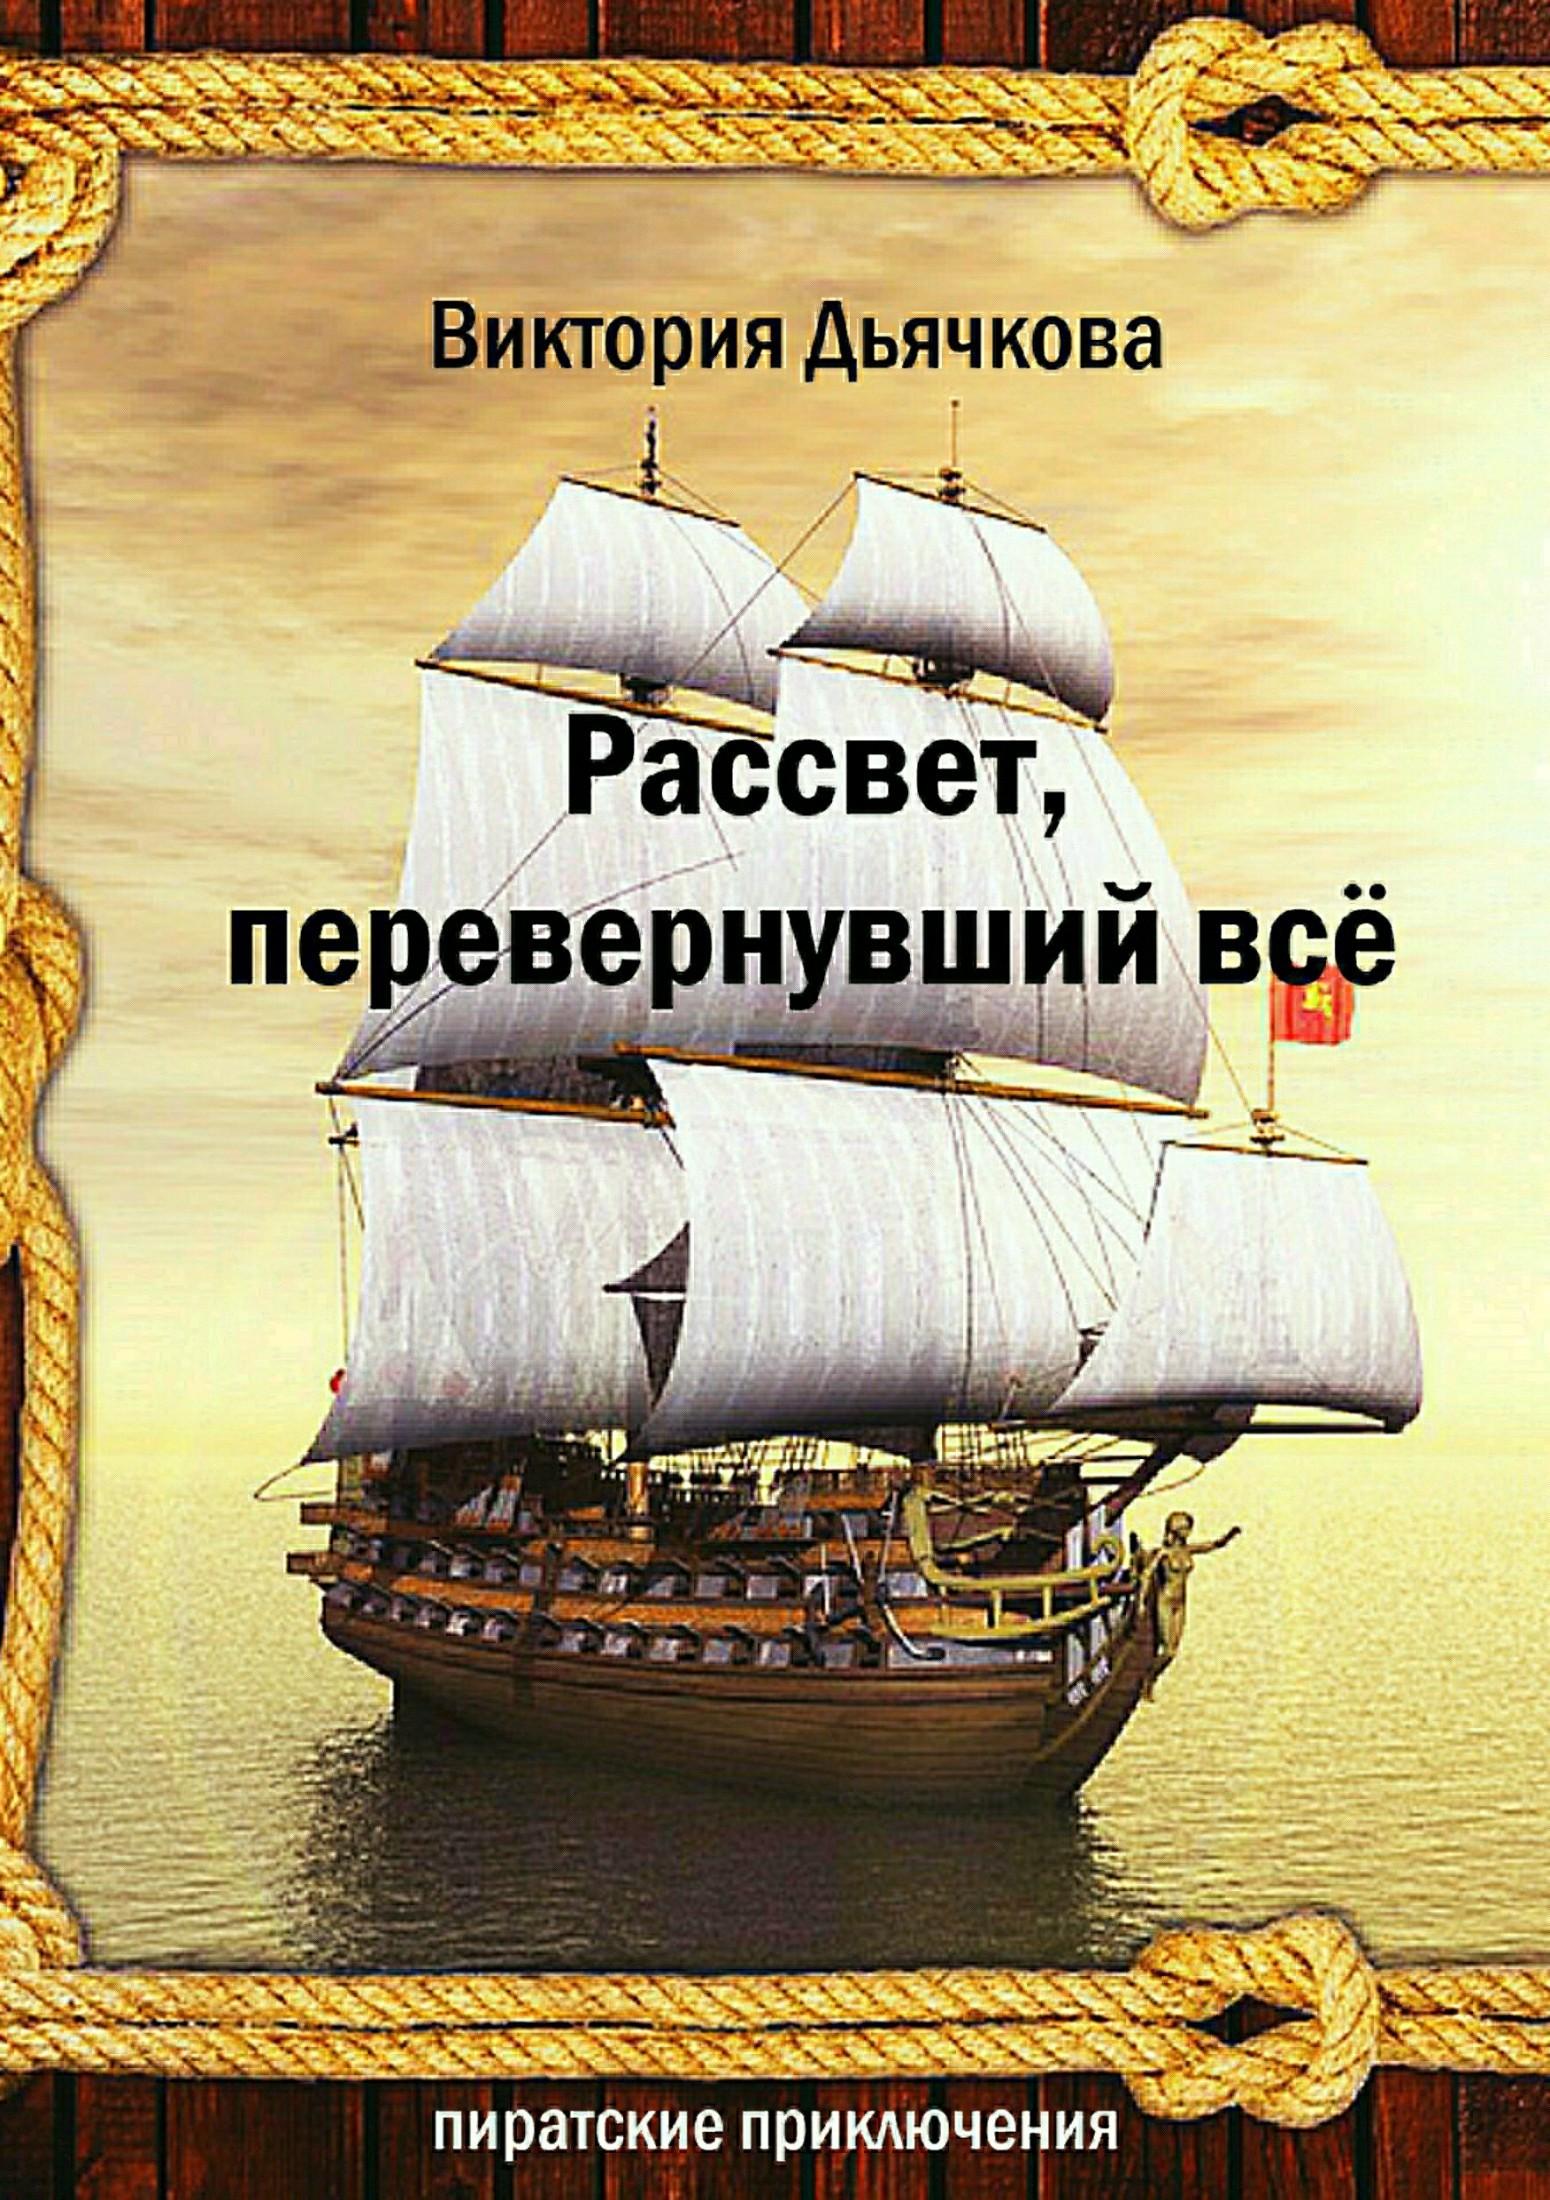 Виктория Юрьевна Дьячкова. Рассвет, перевернувший всё